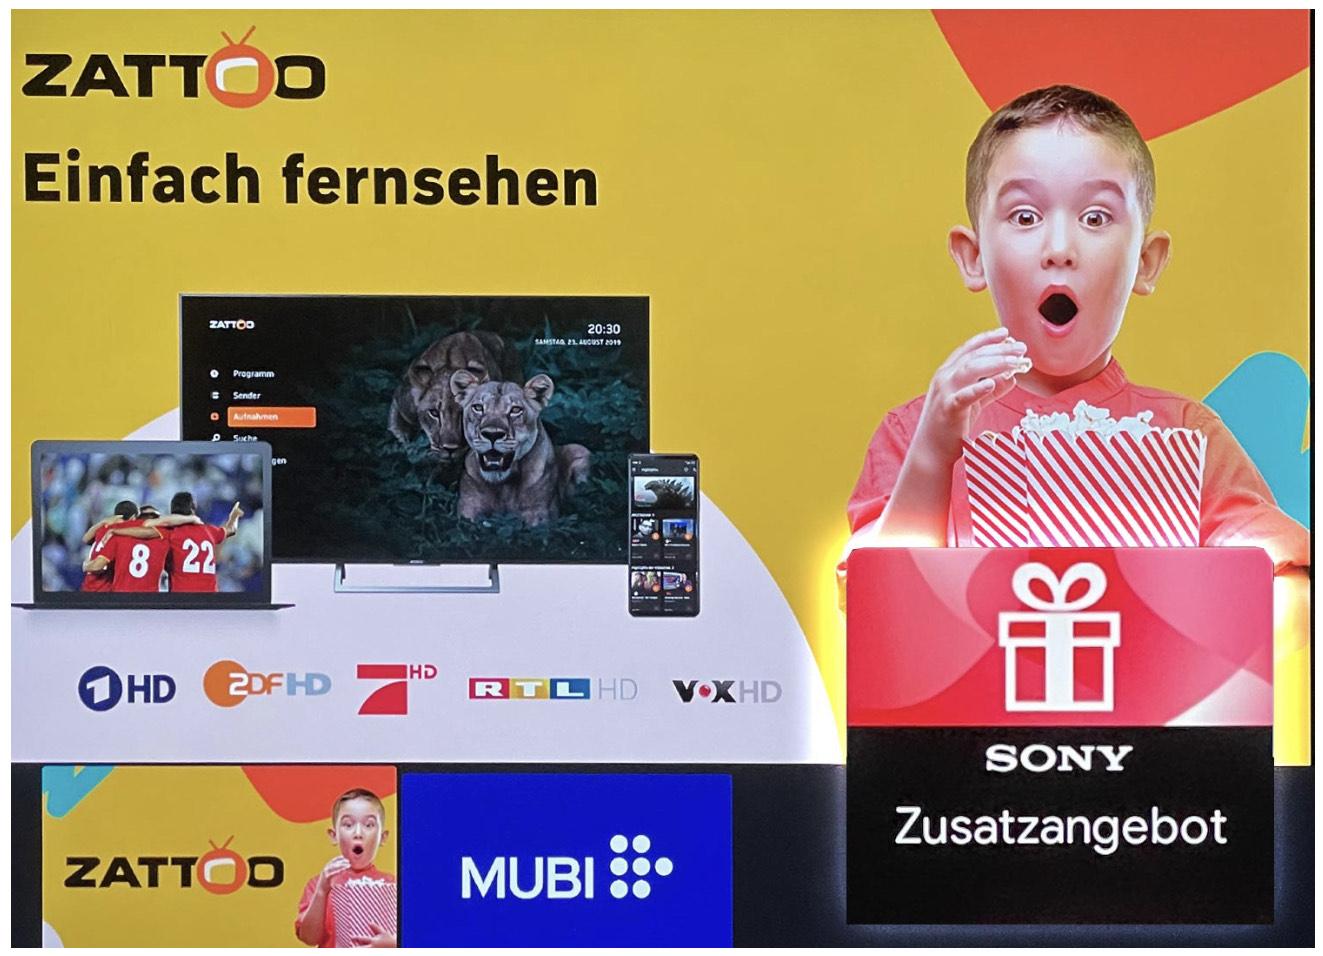 [Sony TV] Zattoo Ultimate 2 Monate gratis + 90 Tage MUBI für 1€ in der Sony TV Zusatzangebots App